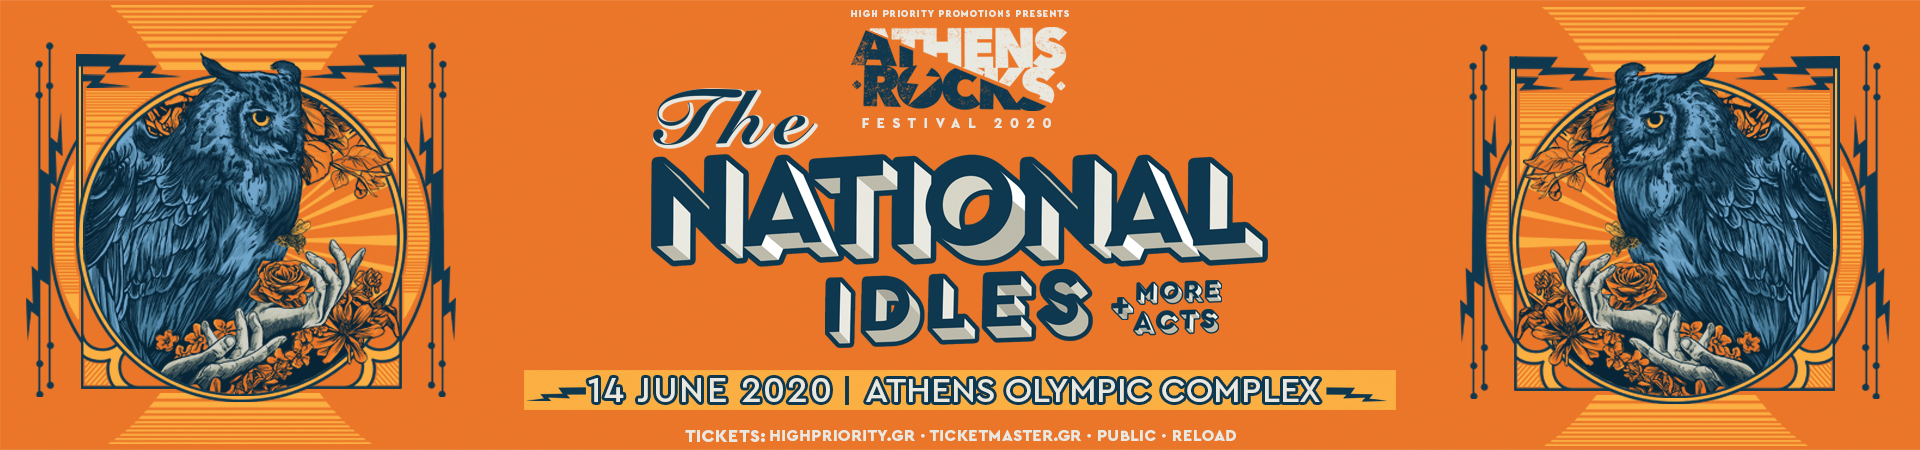 ATHENS_ROCK_NATIONAL1920X450